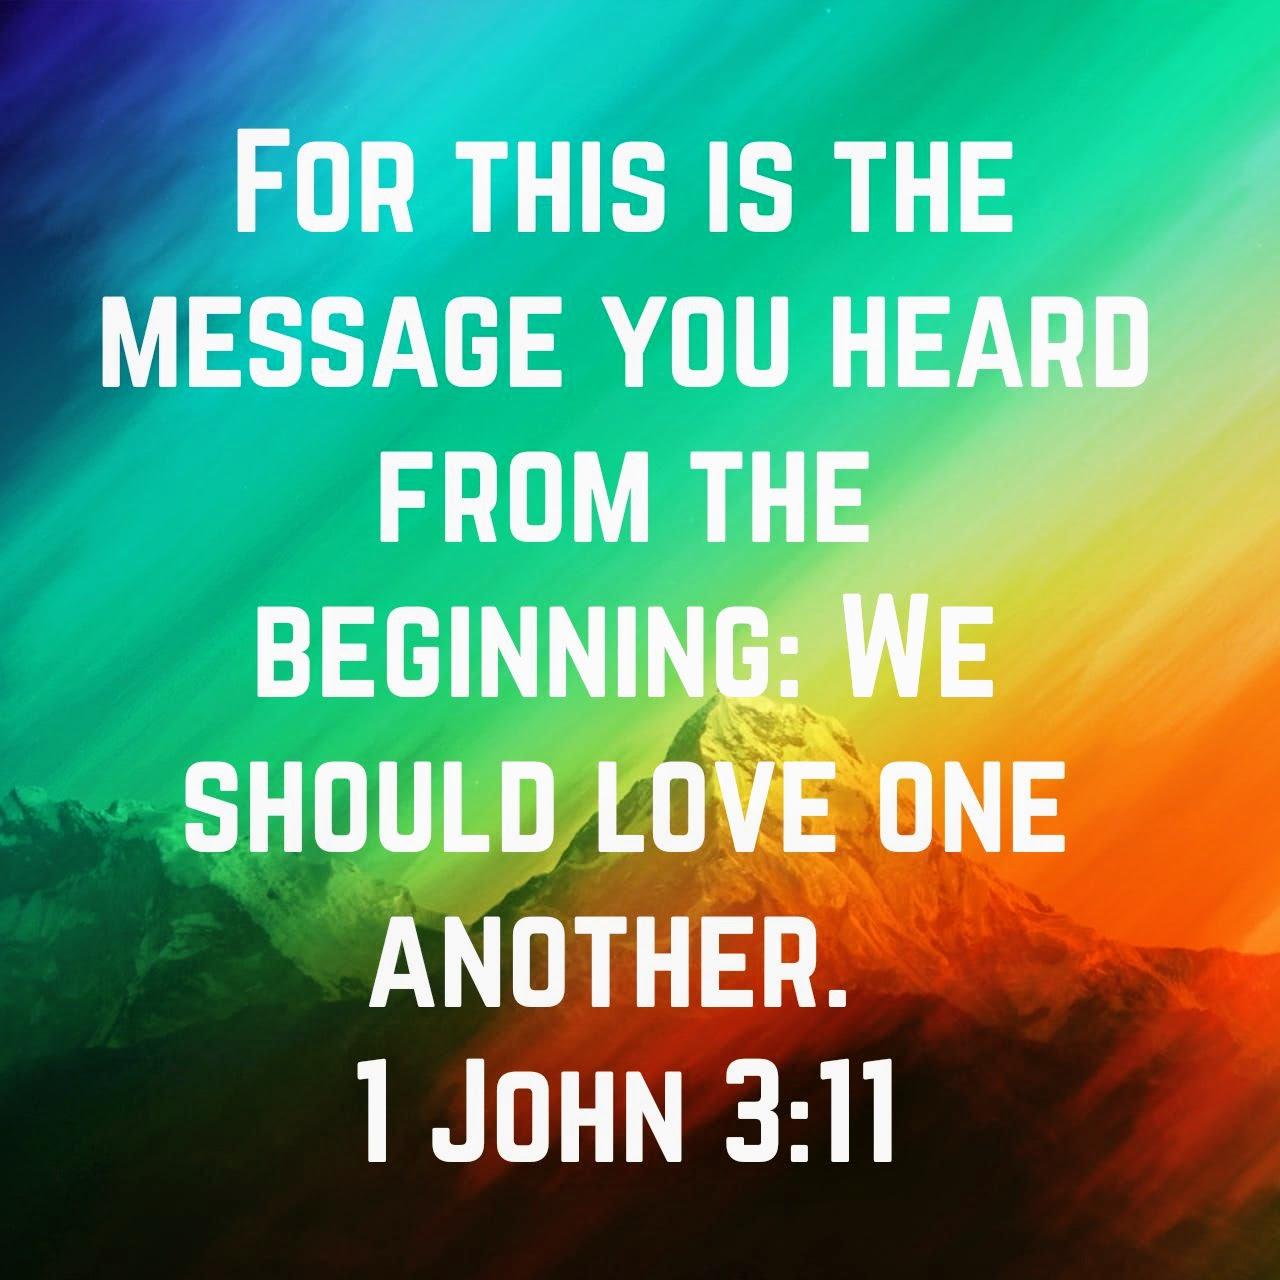 1 John 3:11